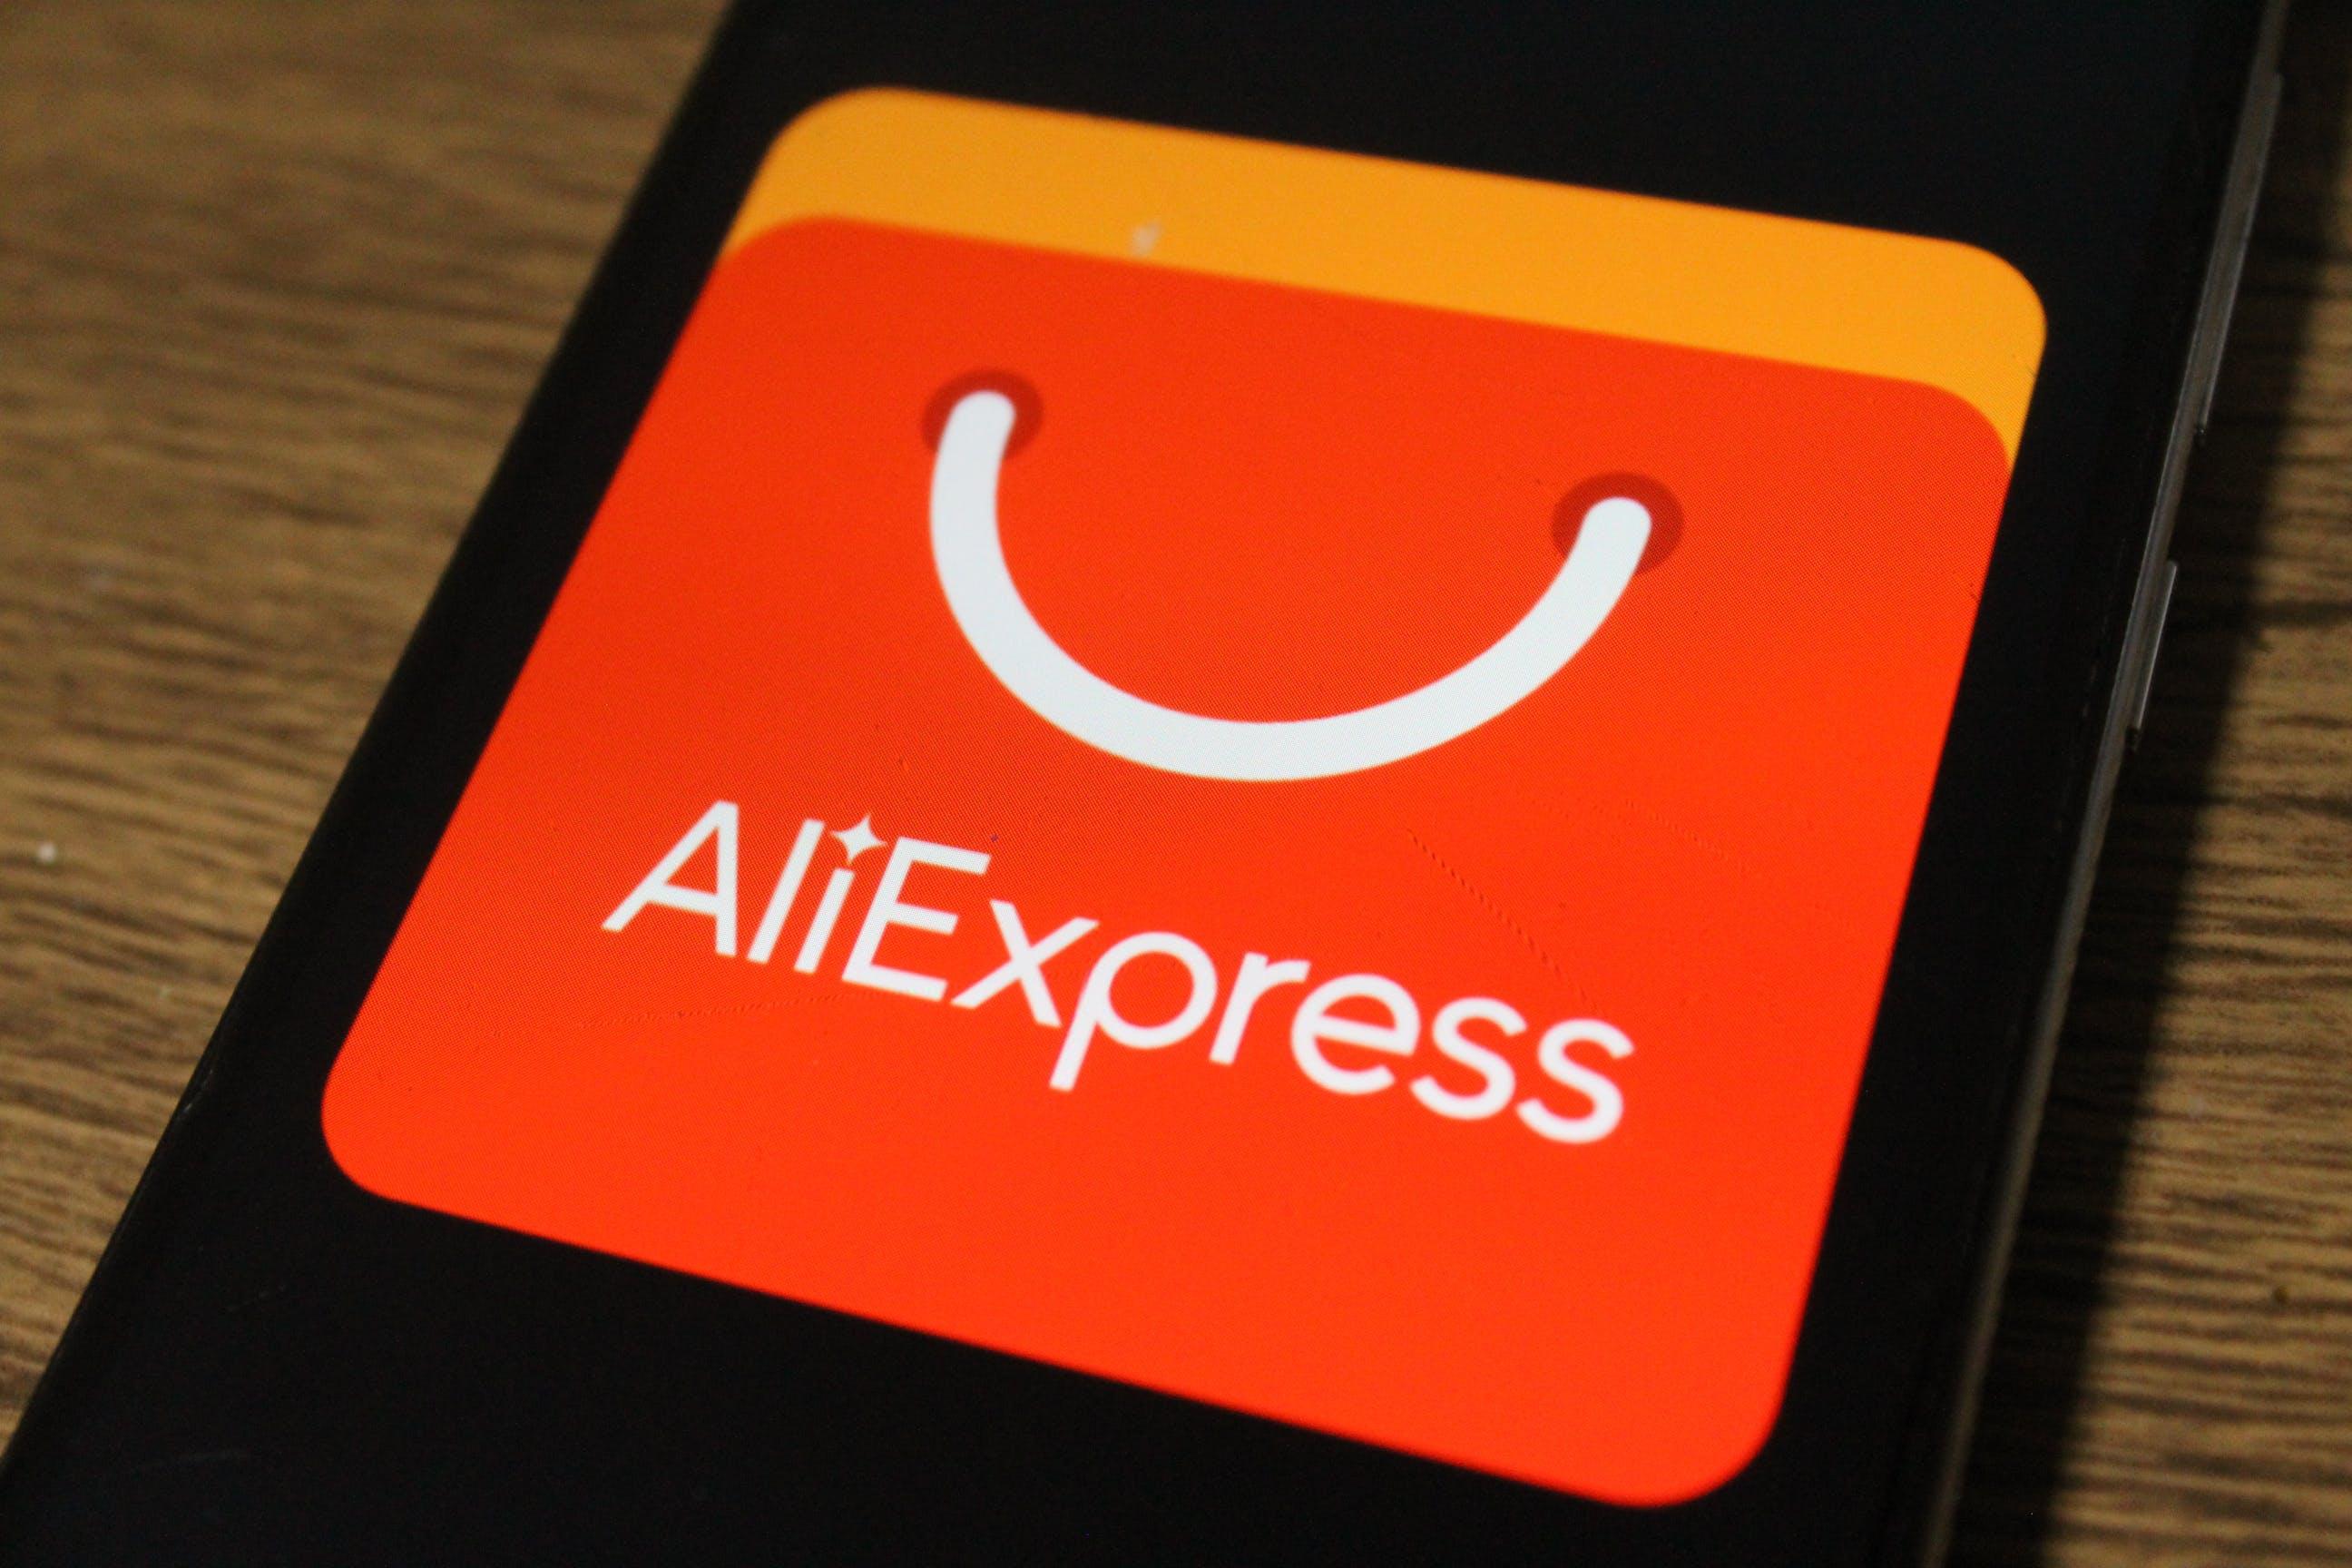 Como comprar no AliExpress? É seguro?